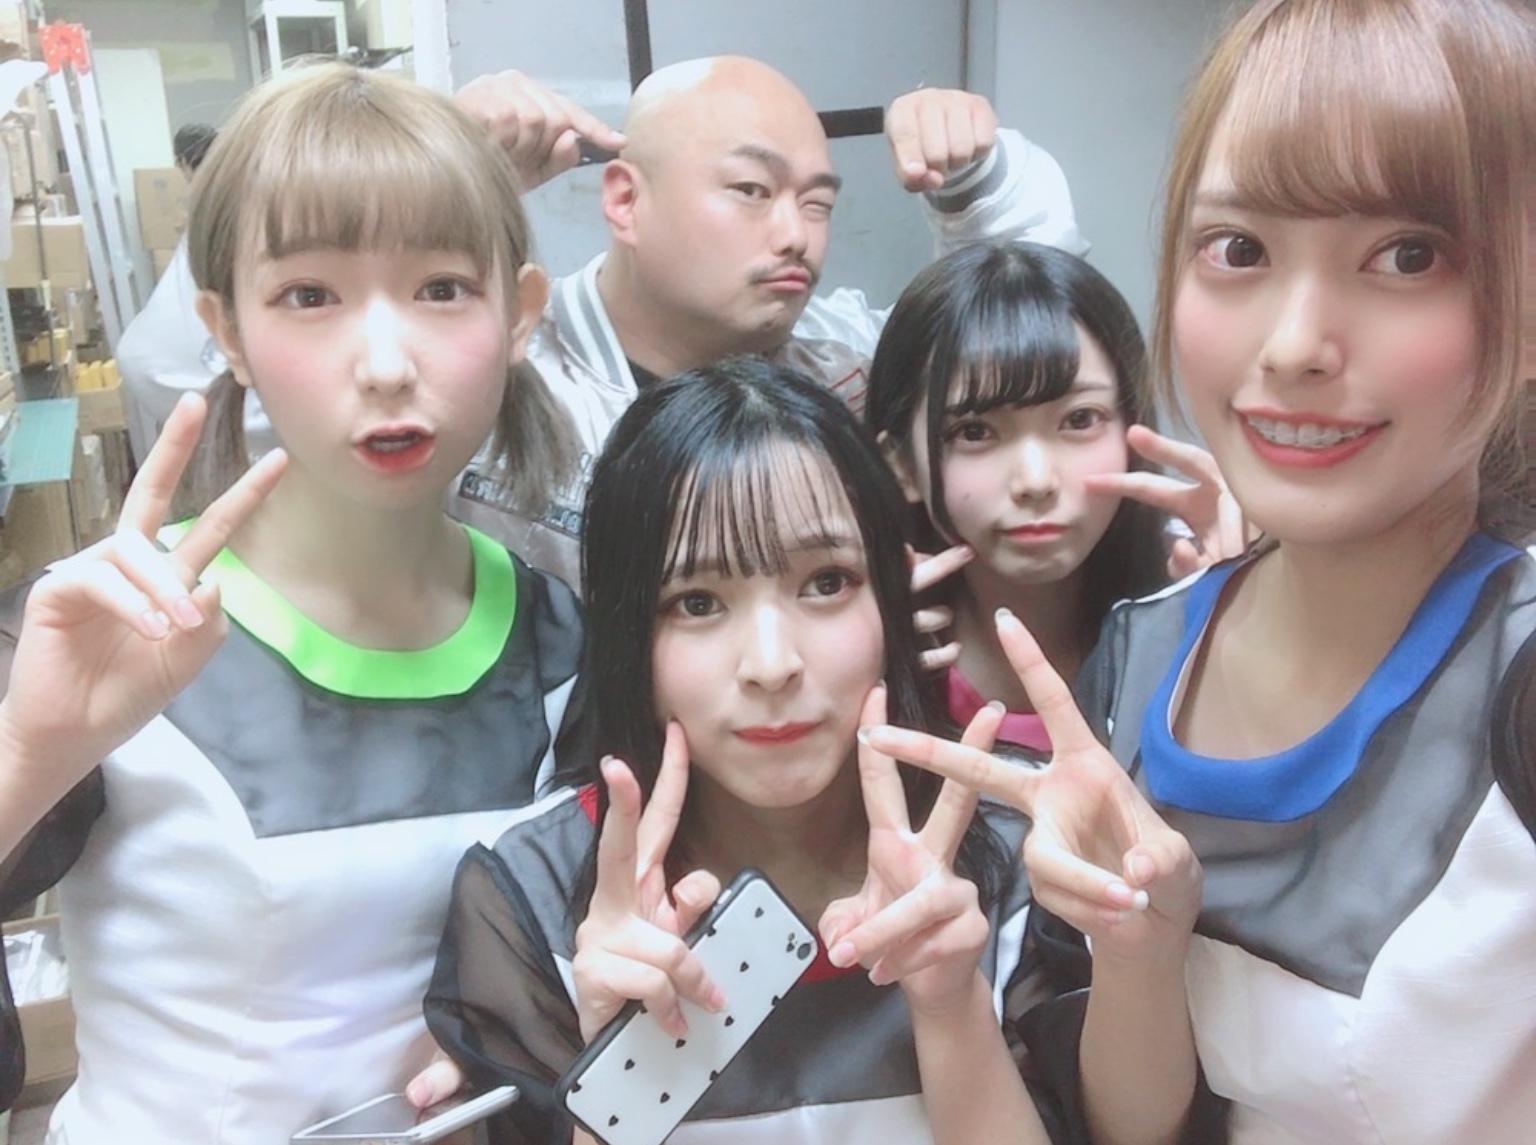 豆柴の大群,2ndシングル,クロちゃん復活,水曜日のダウンタウン